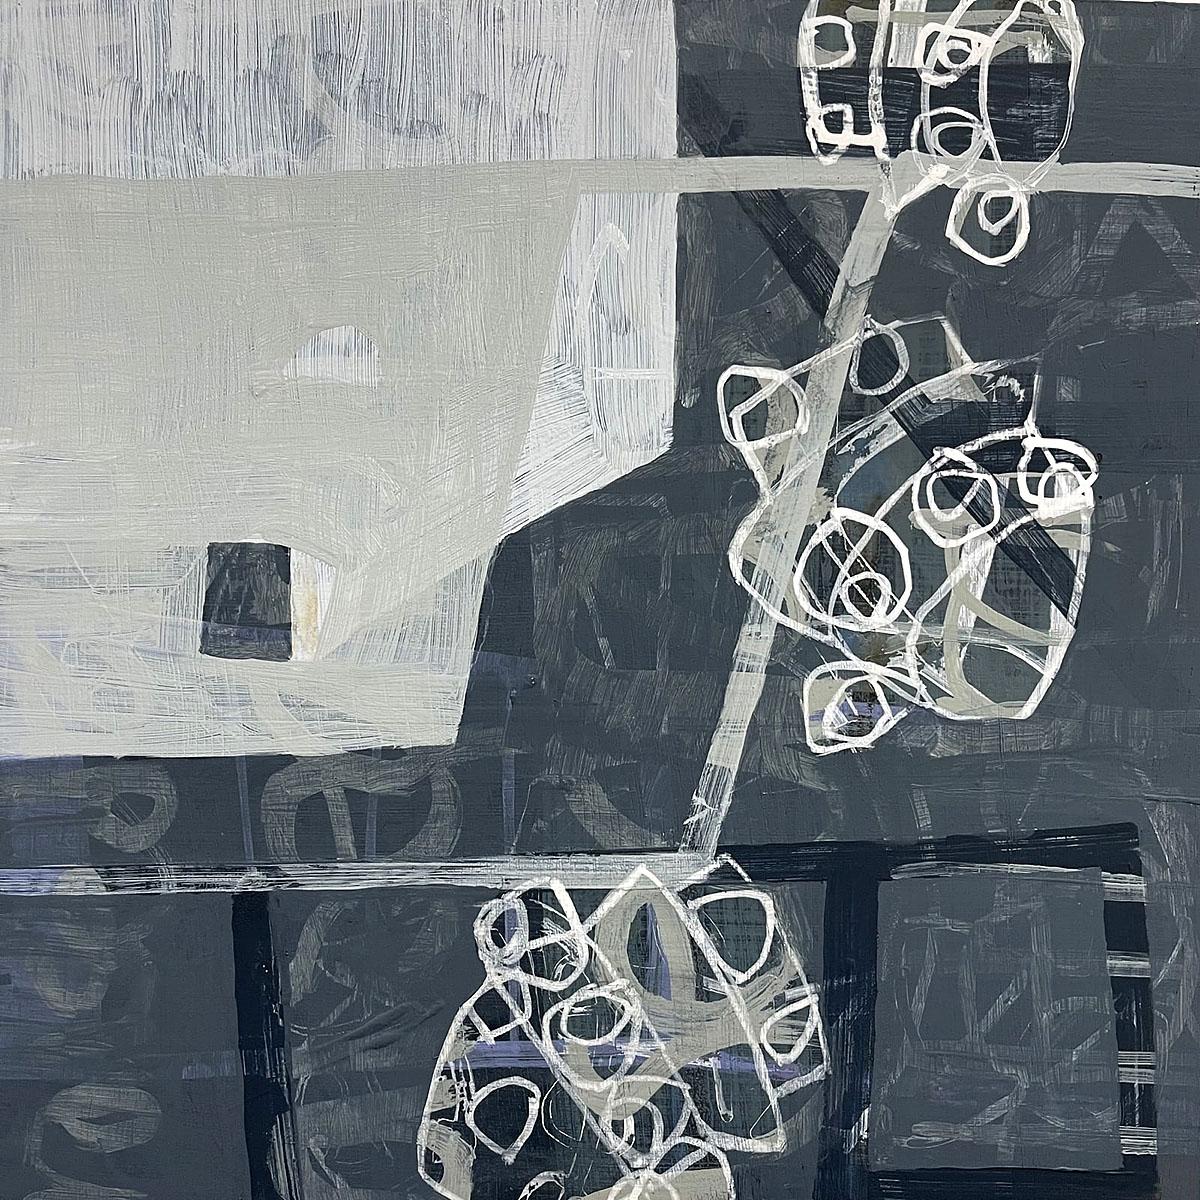 Joan Doerr, 'Fancy of Fancy', acrylic on board